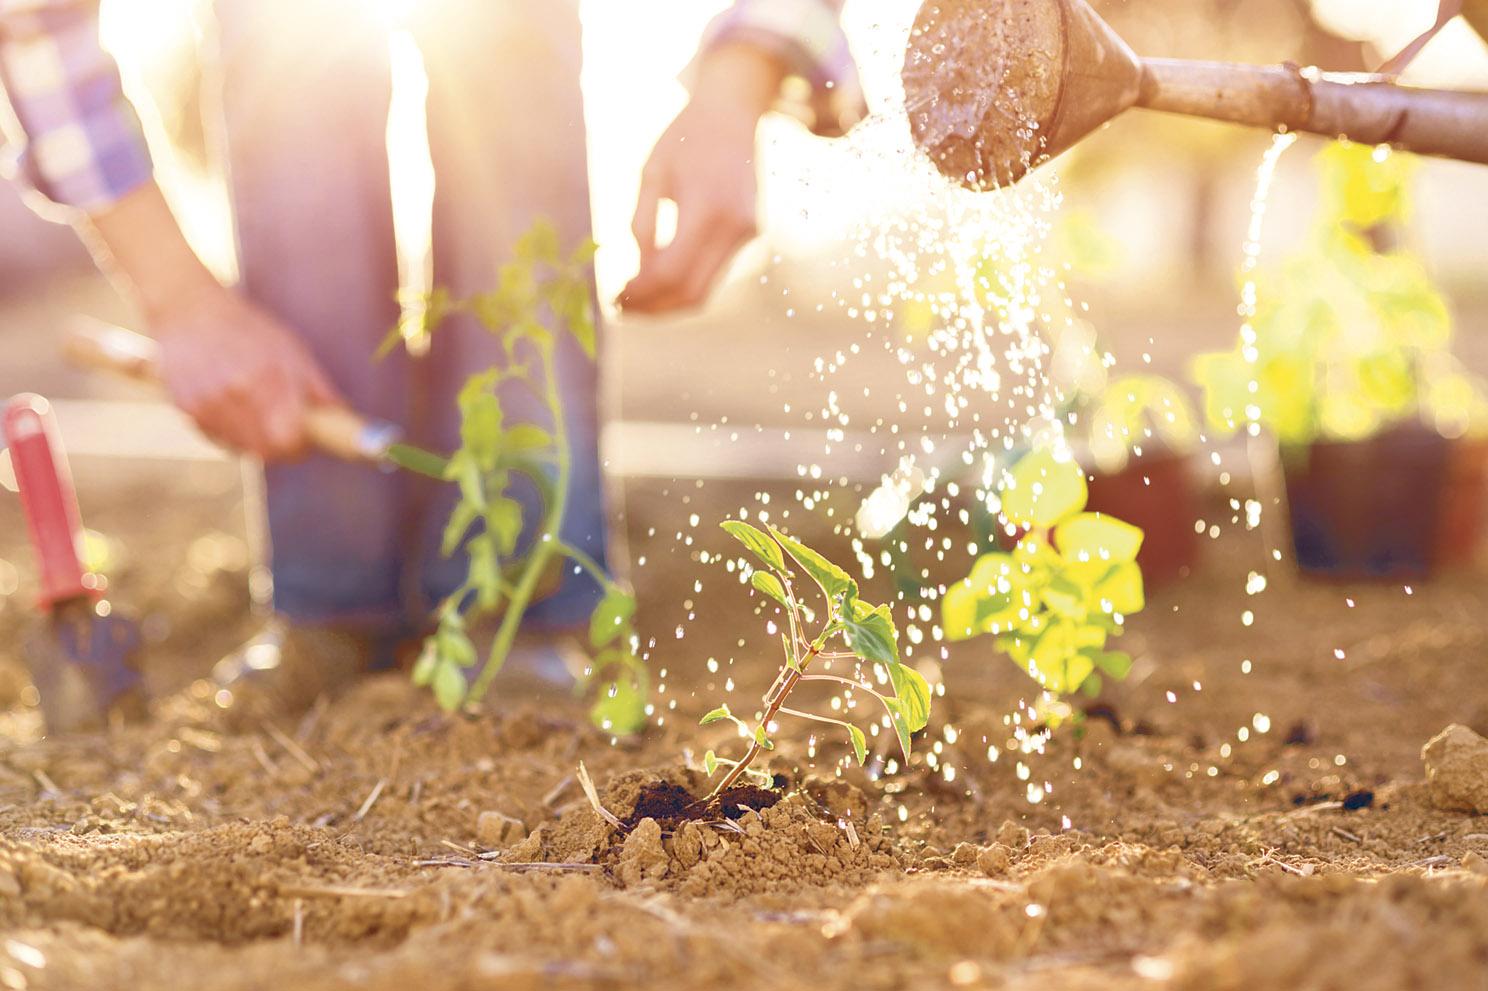 Menschen bei der Gartenarbeit